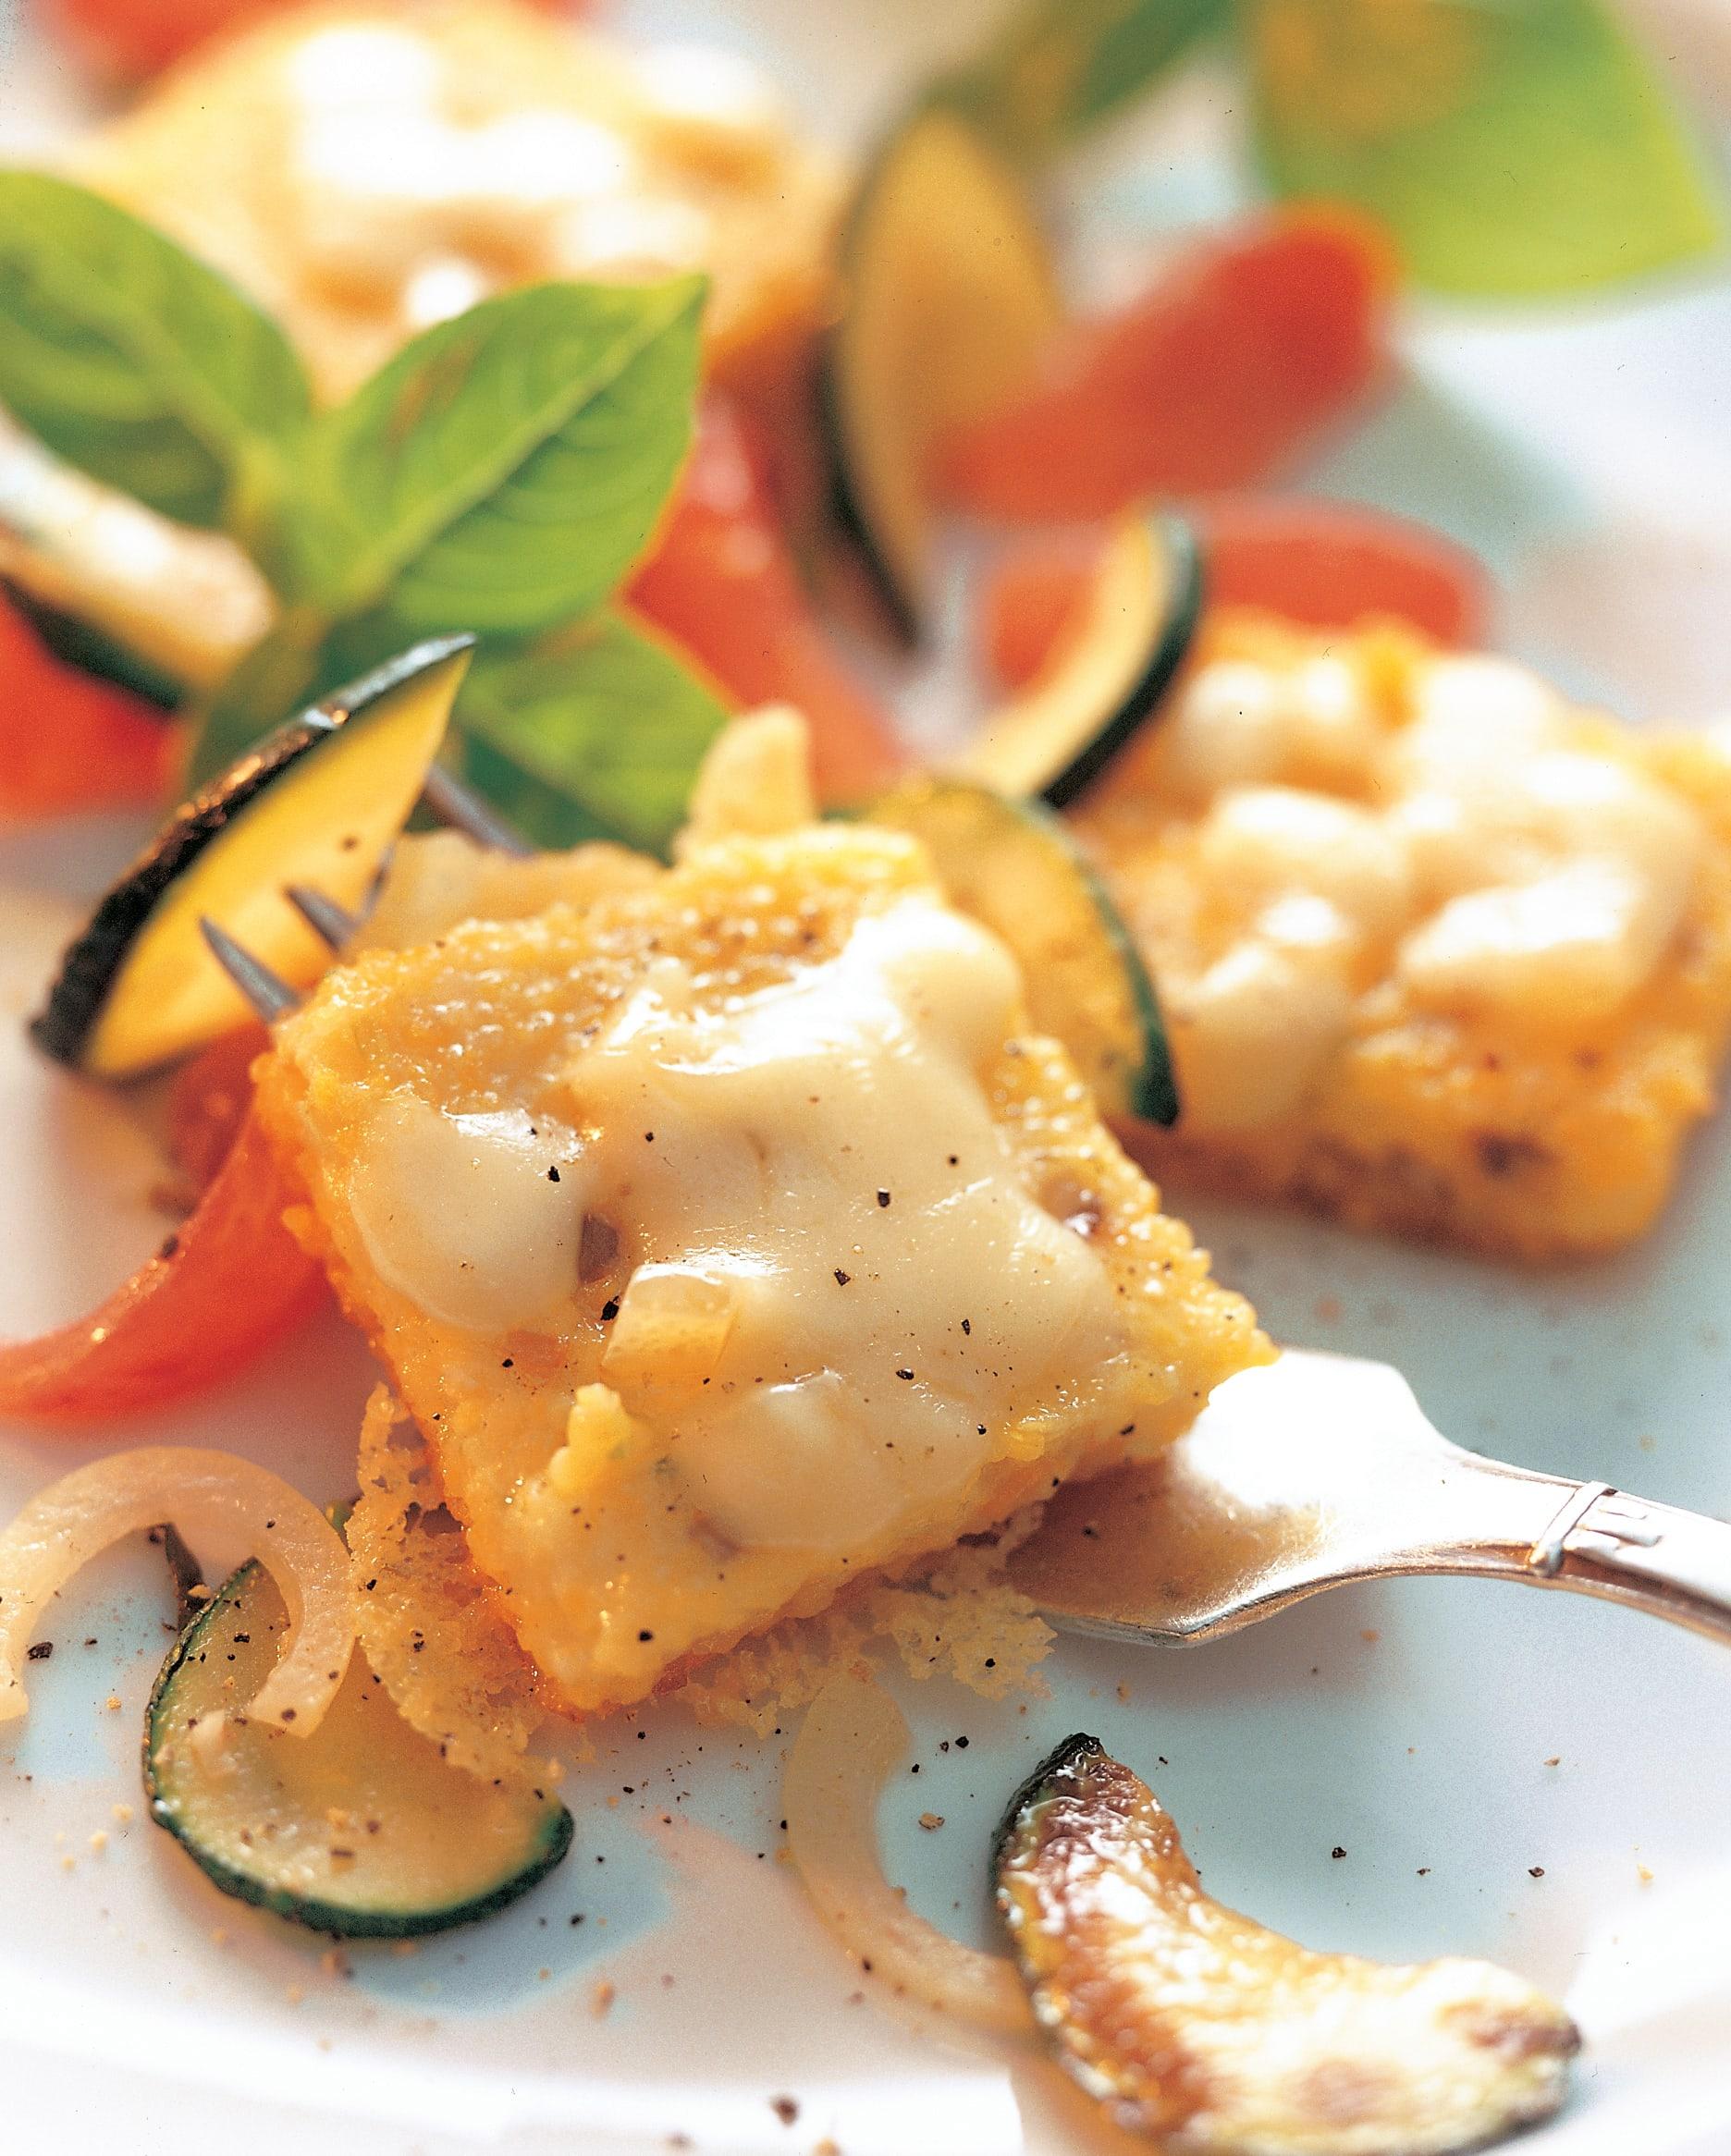 Appenzeller-Quadrate auf Tomaten und Zucchini